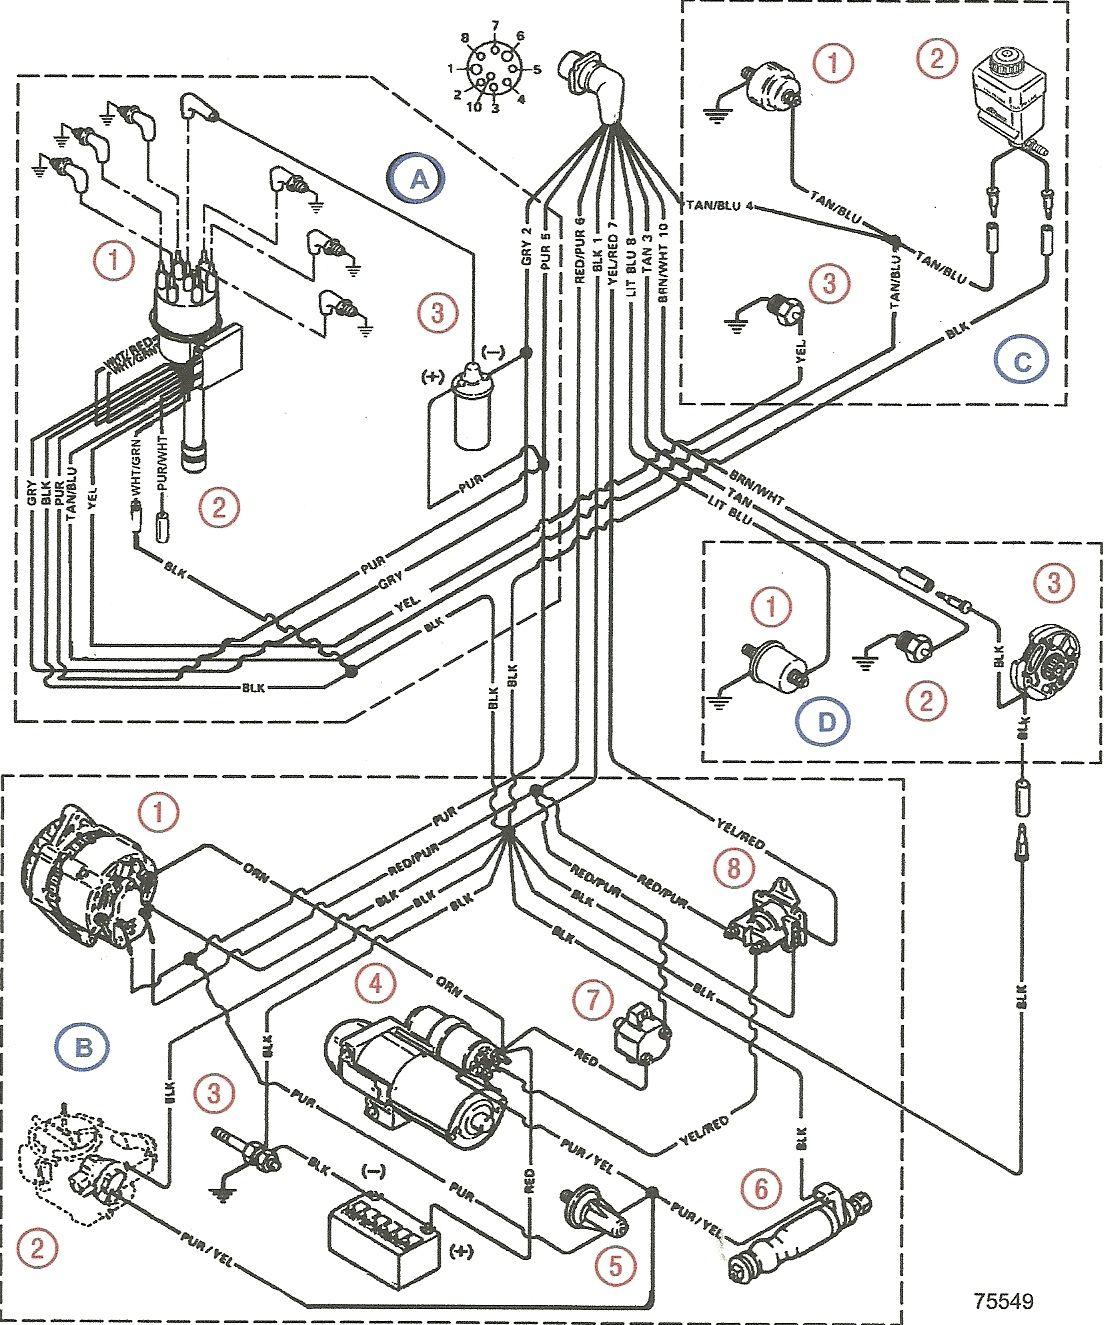 mercruiser 5 7 wiring diagram   save wiring diagrams skip  wiring diagram library